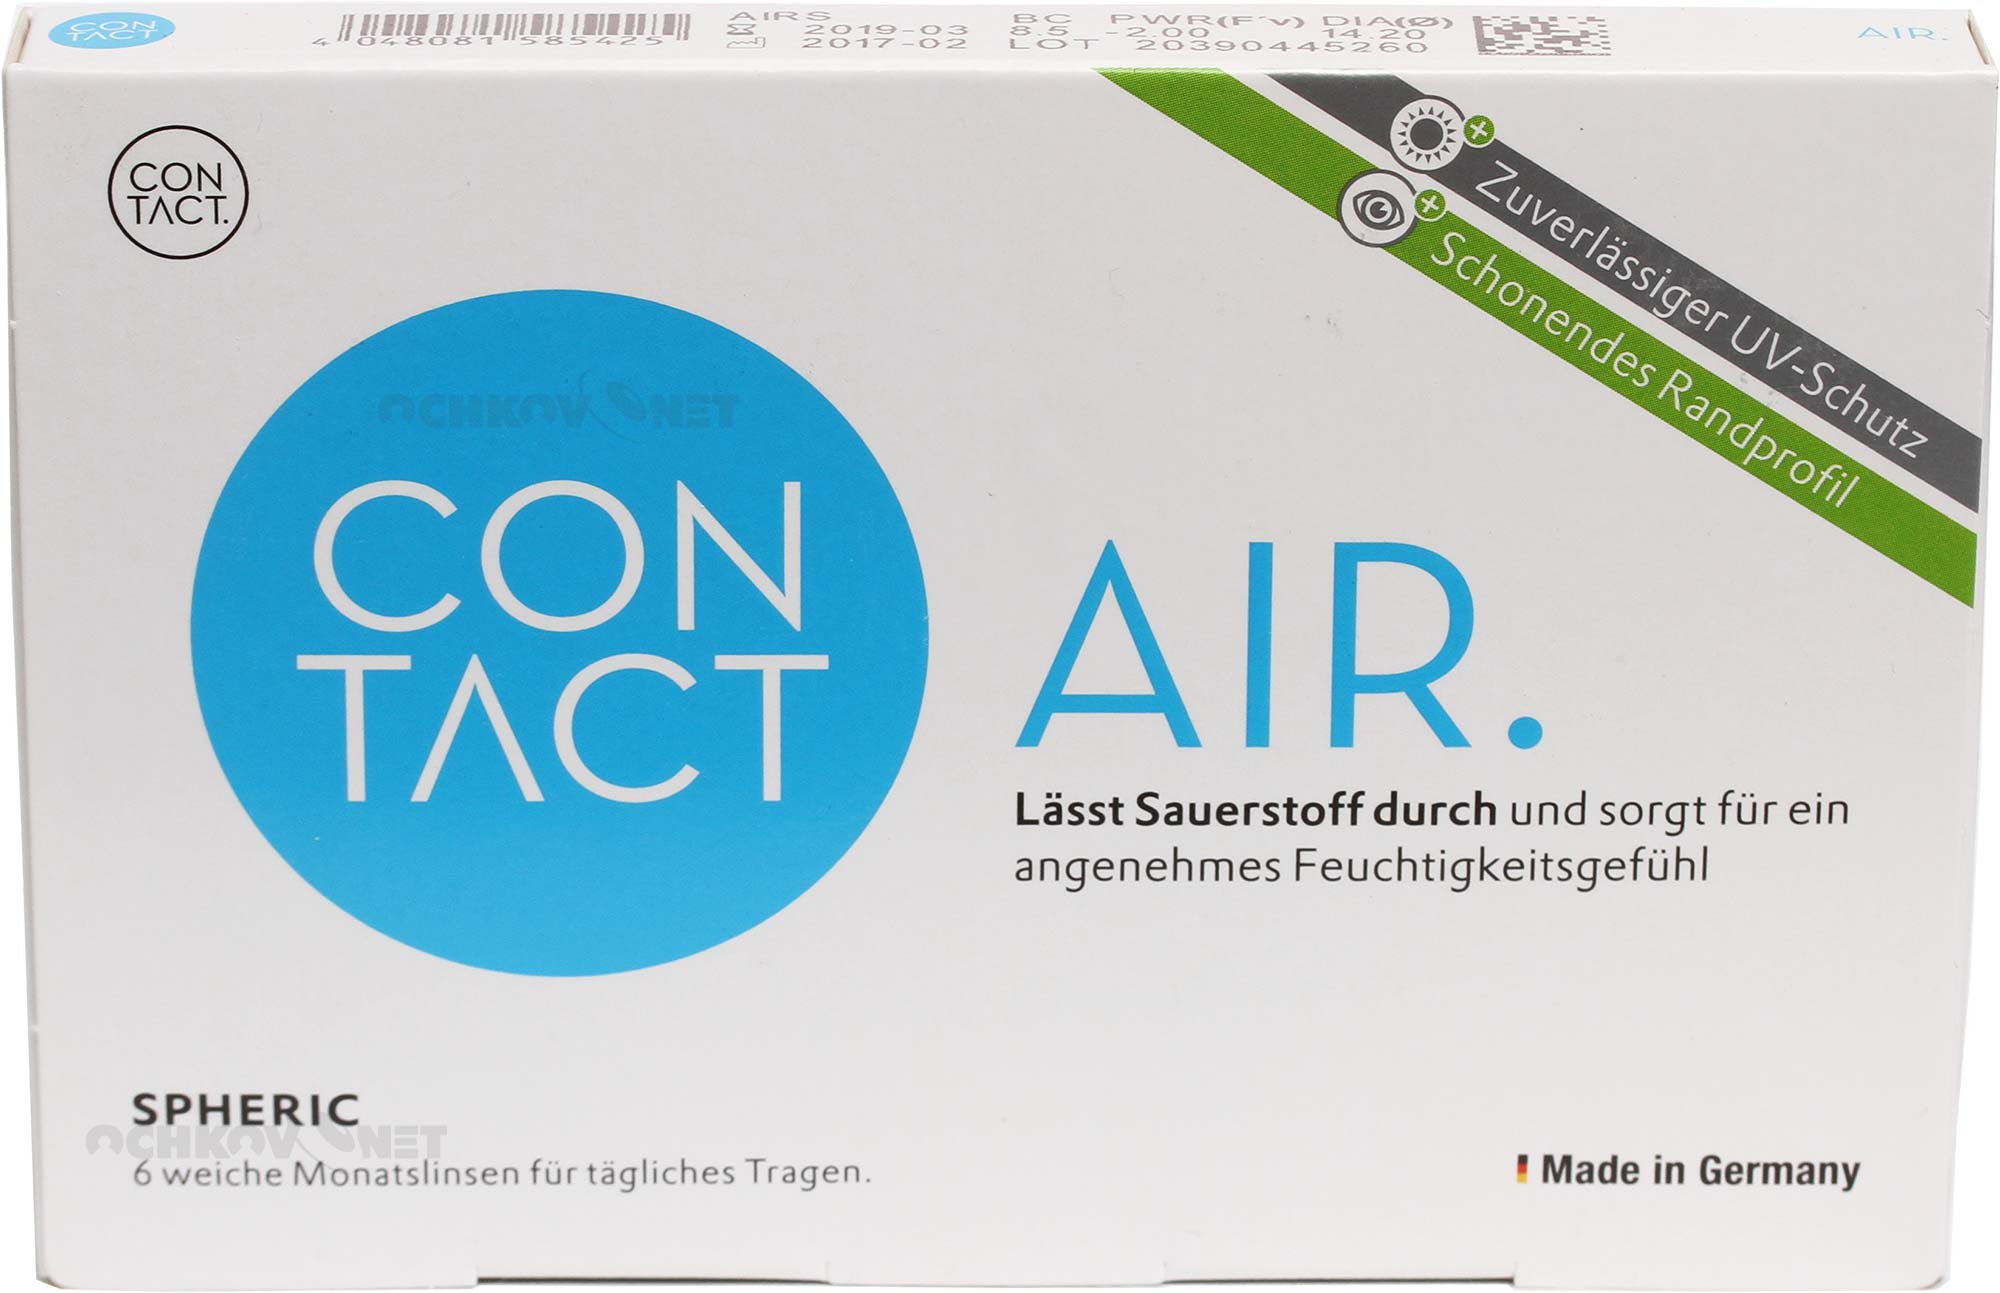 Контактные линзы Contact Air spheric 6 штук (плюсовые диоптрии)